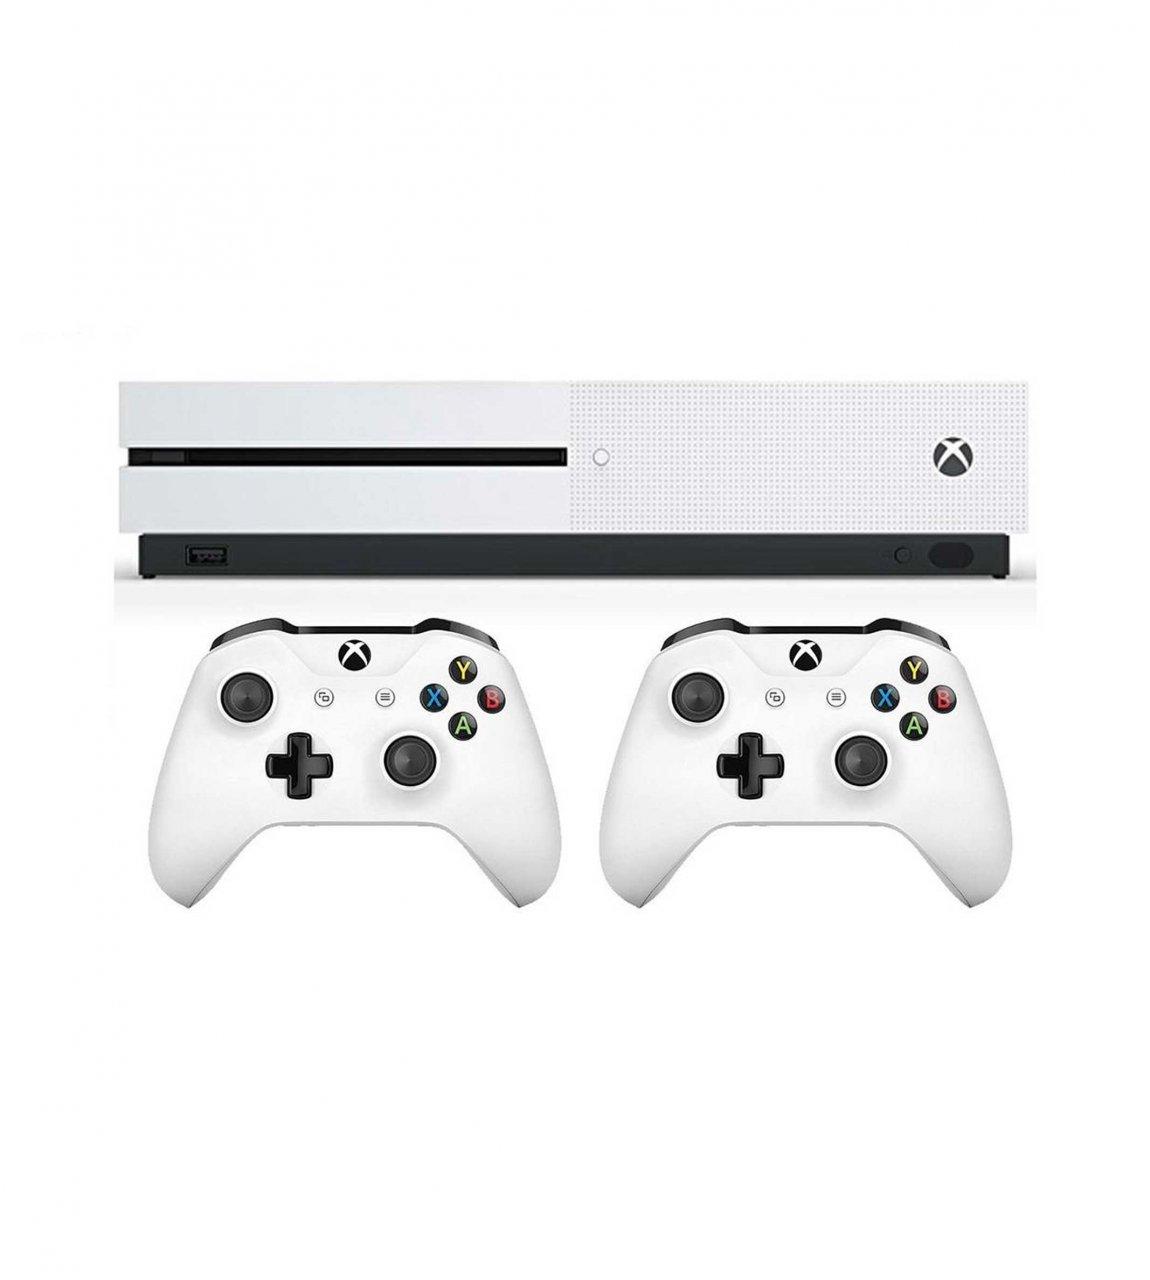 کنسول بازی مایکروسافت مدل Xbox One S ظرفیت 1 ترابایت + دسته اضافه